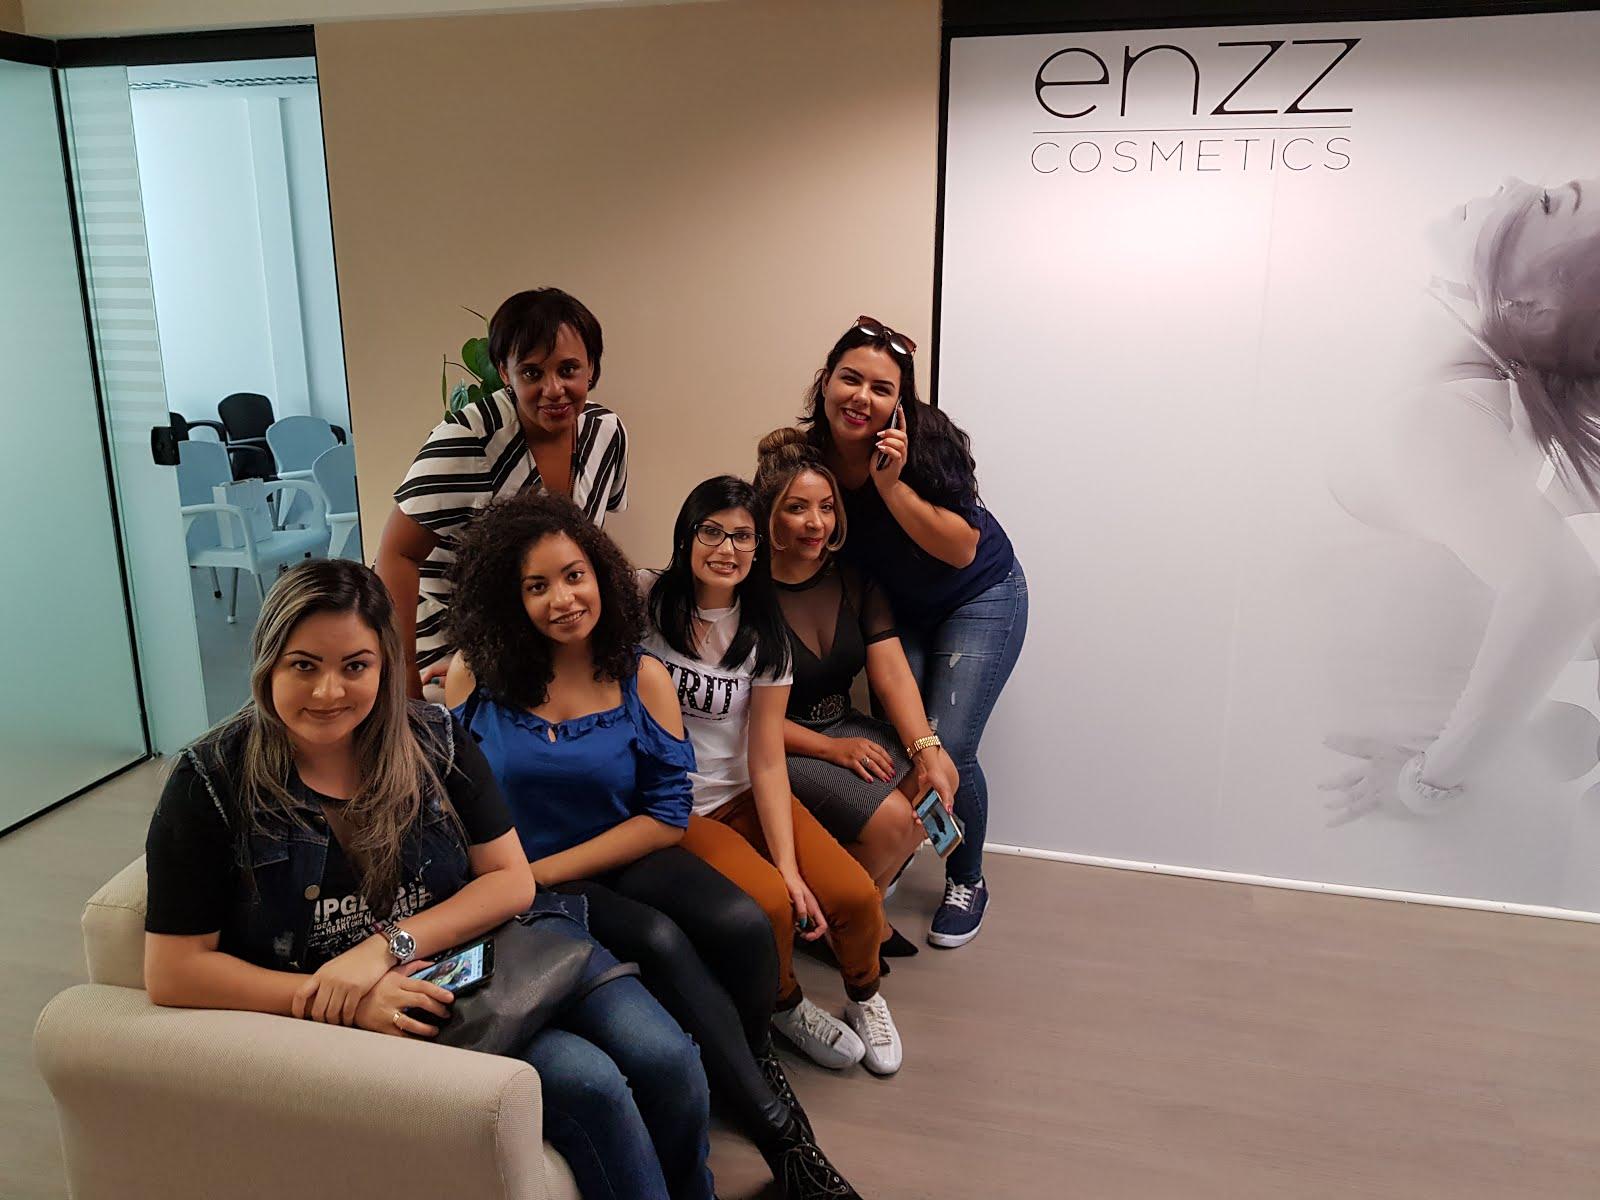 evento de lançamento Enzz cosmetics